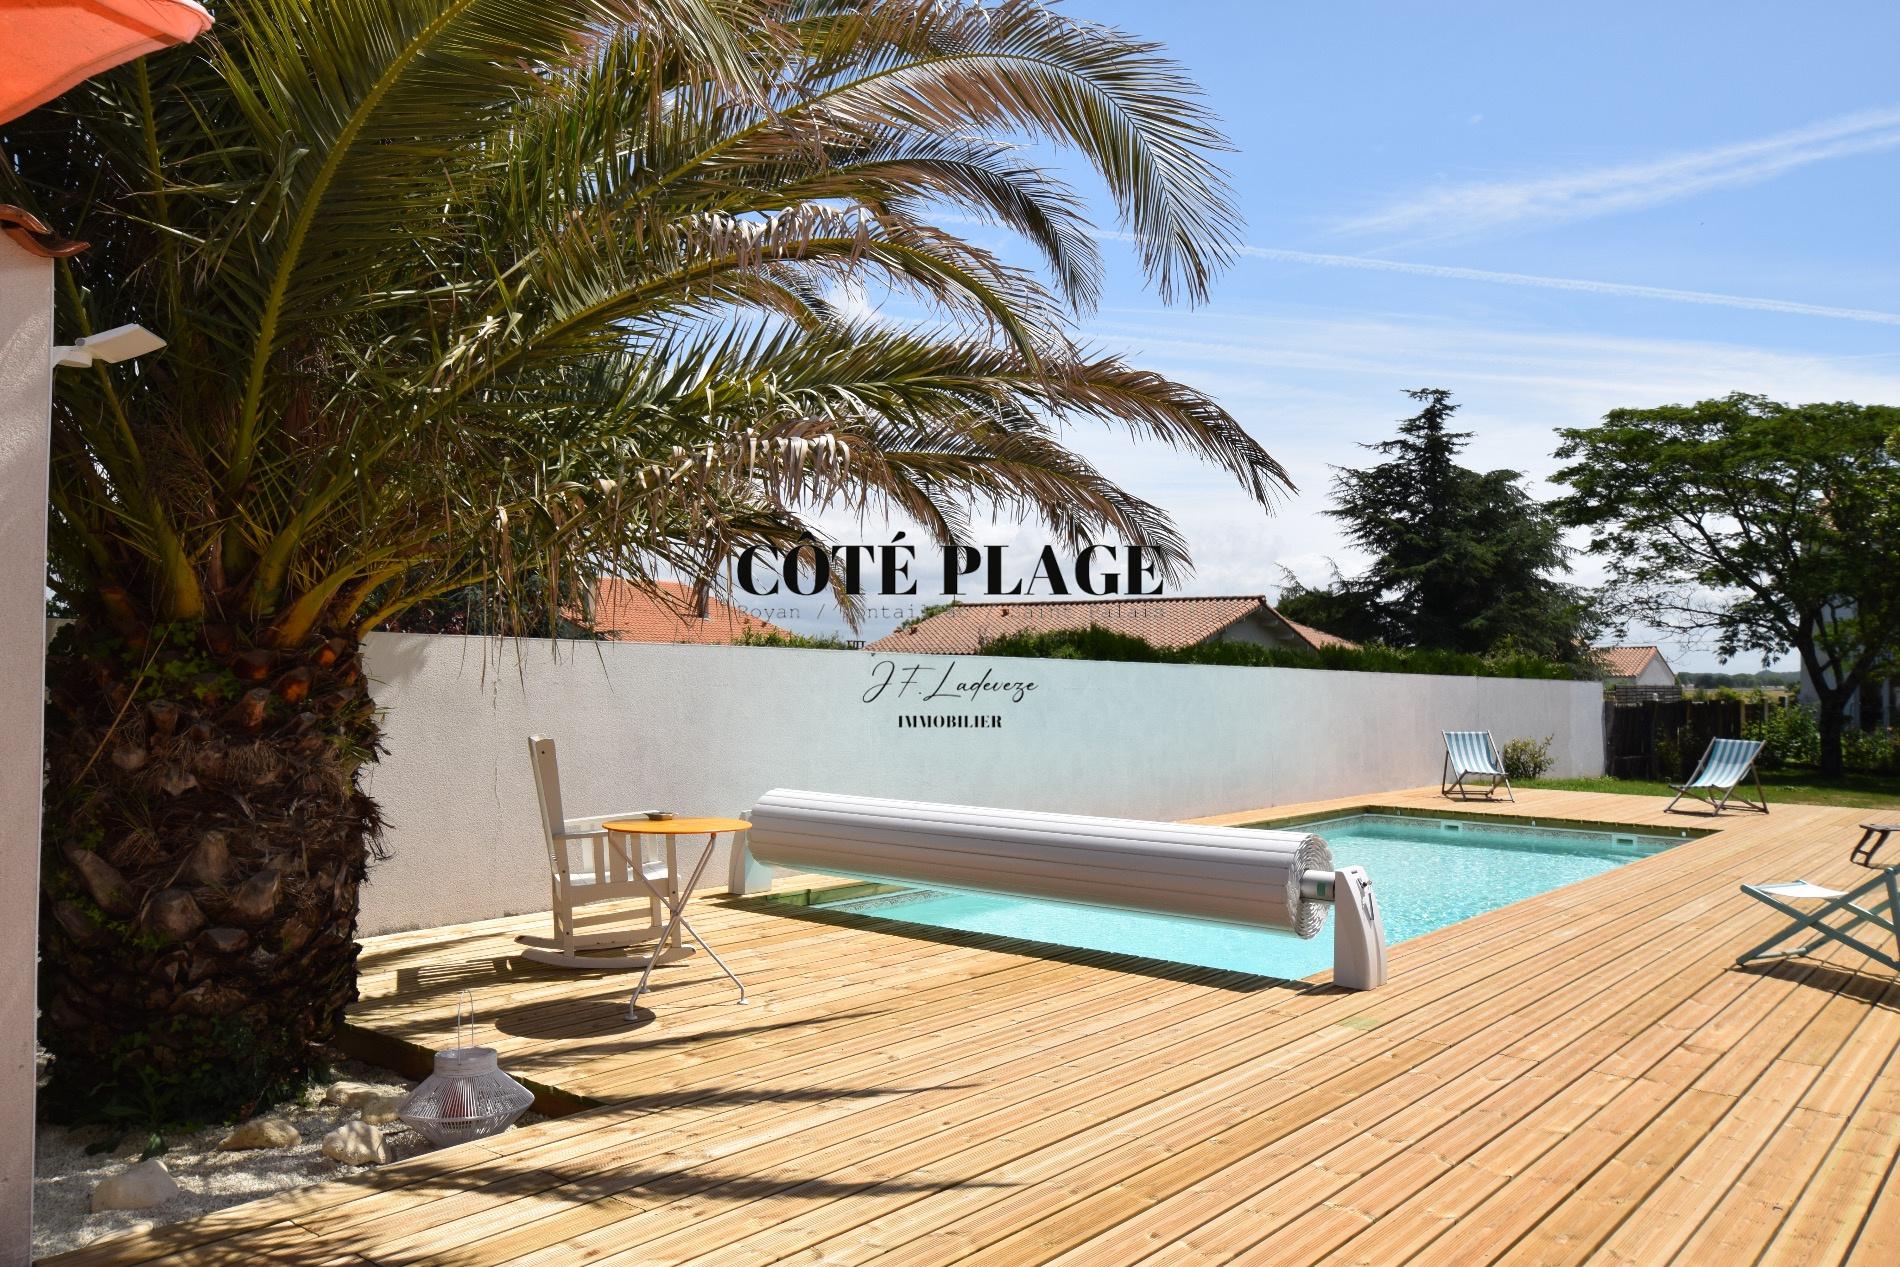 Vente maison villa avec piscine vendre saint palais sur for Piscine pont de vaux